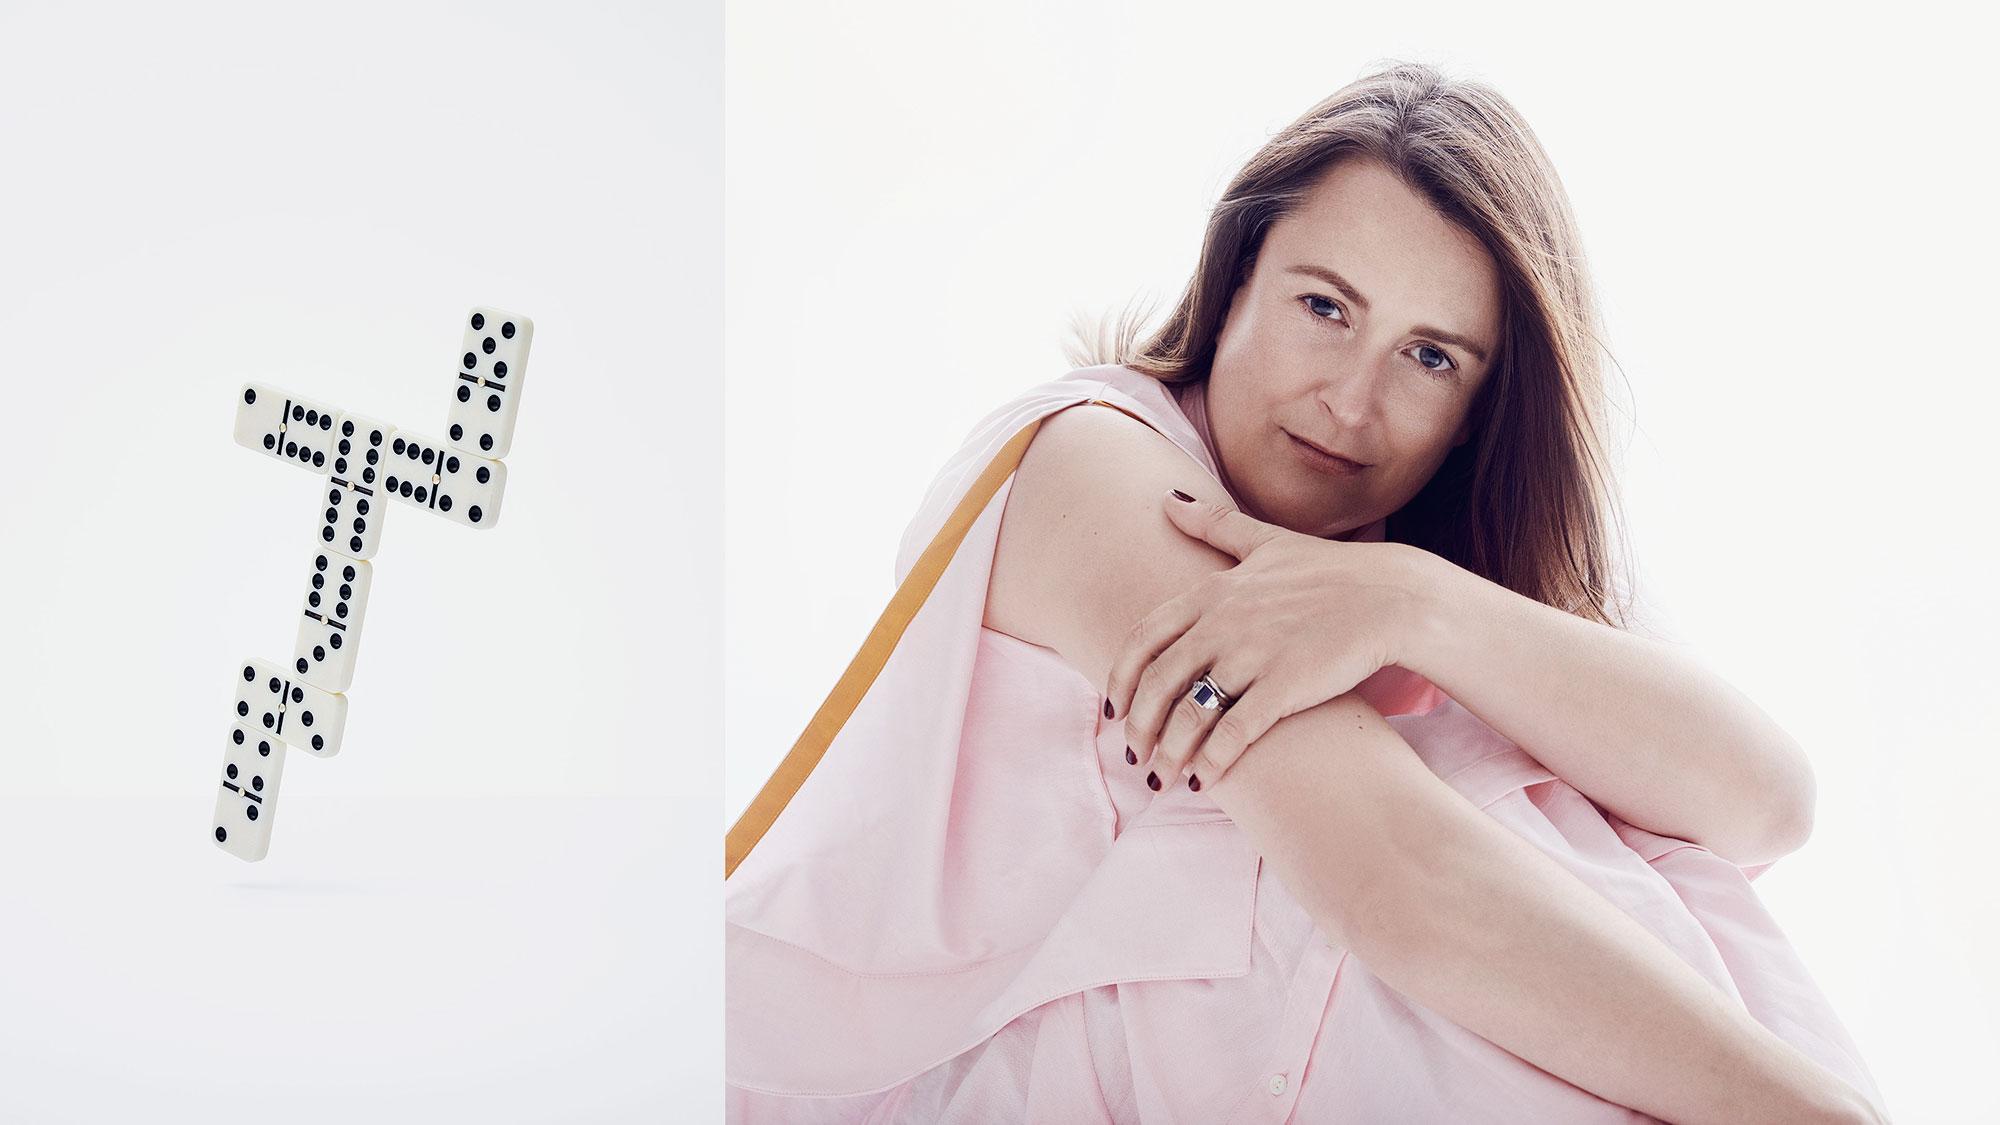 Helen-Hunter-women-in-data-sane-seven-creative-portrait-2000-px-wide